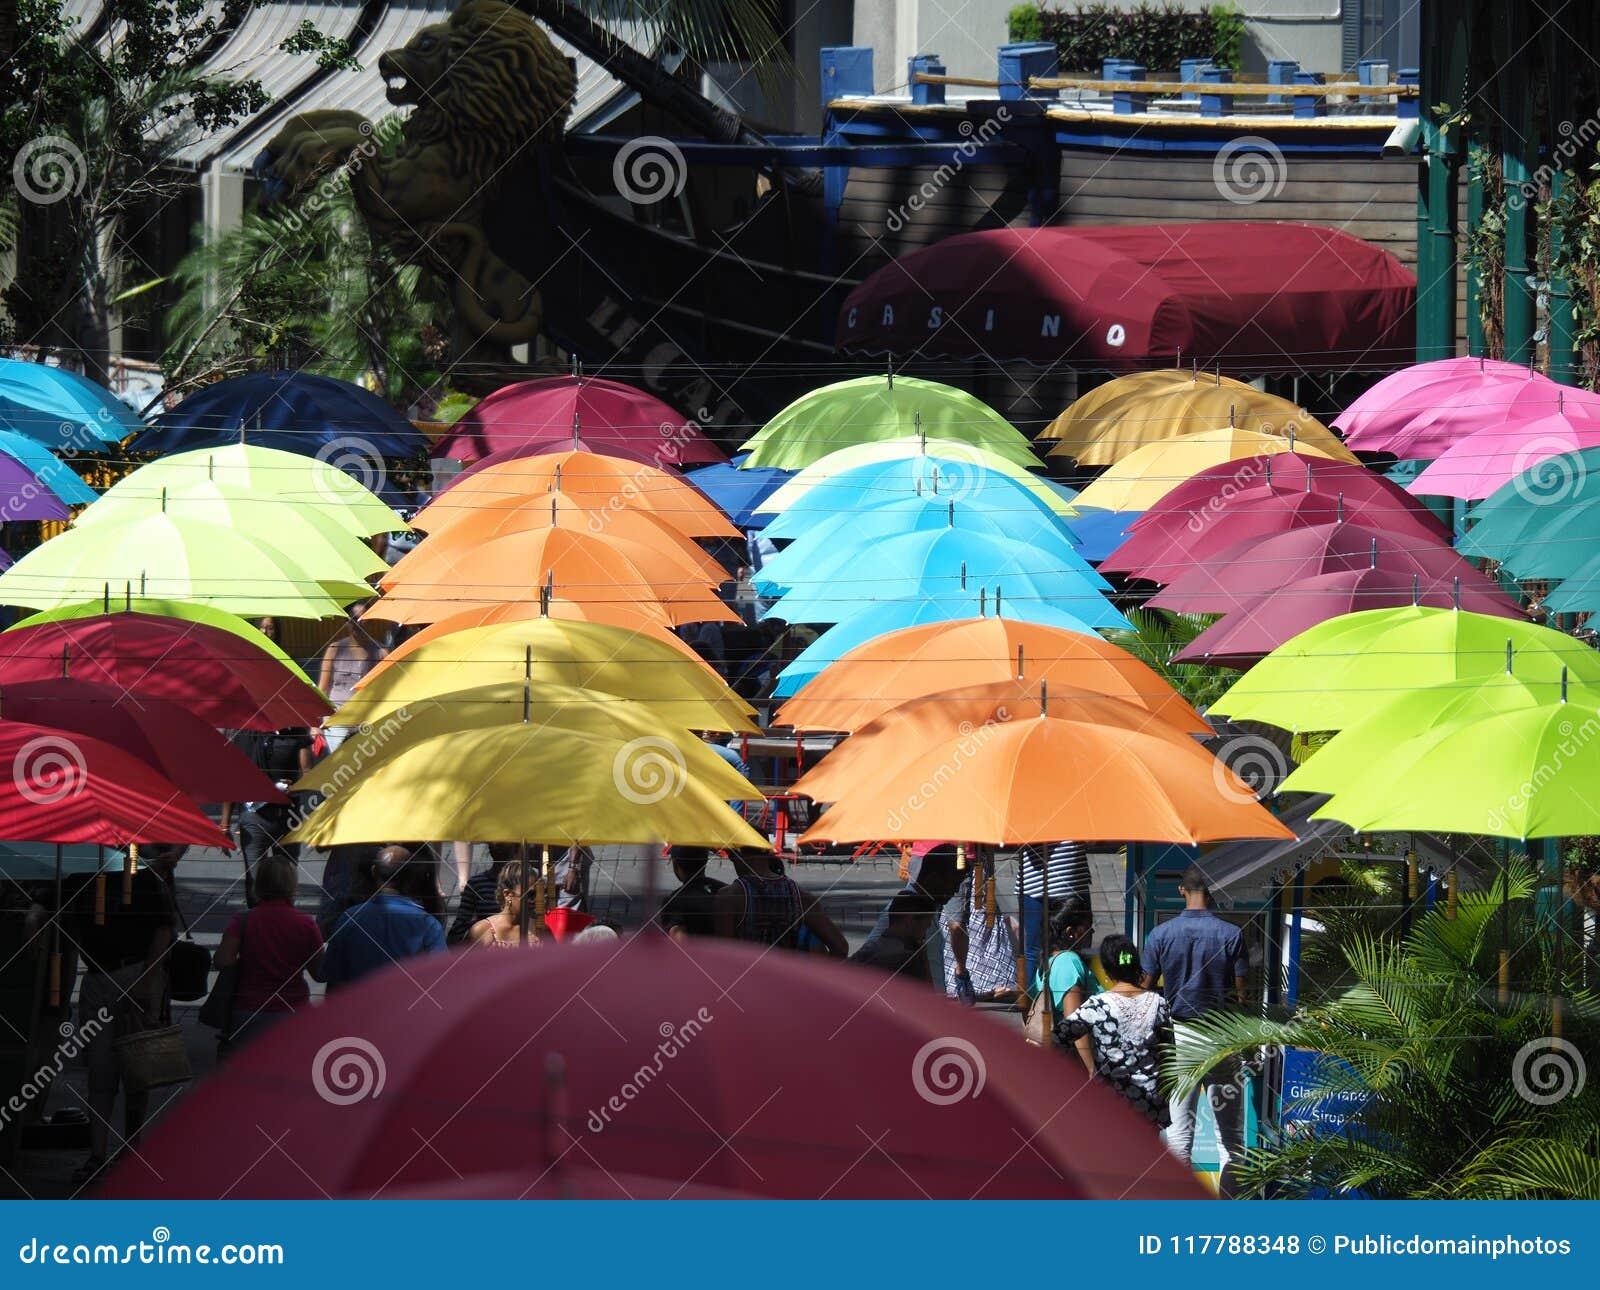 60e314c85 Public Domain Image Umbrella